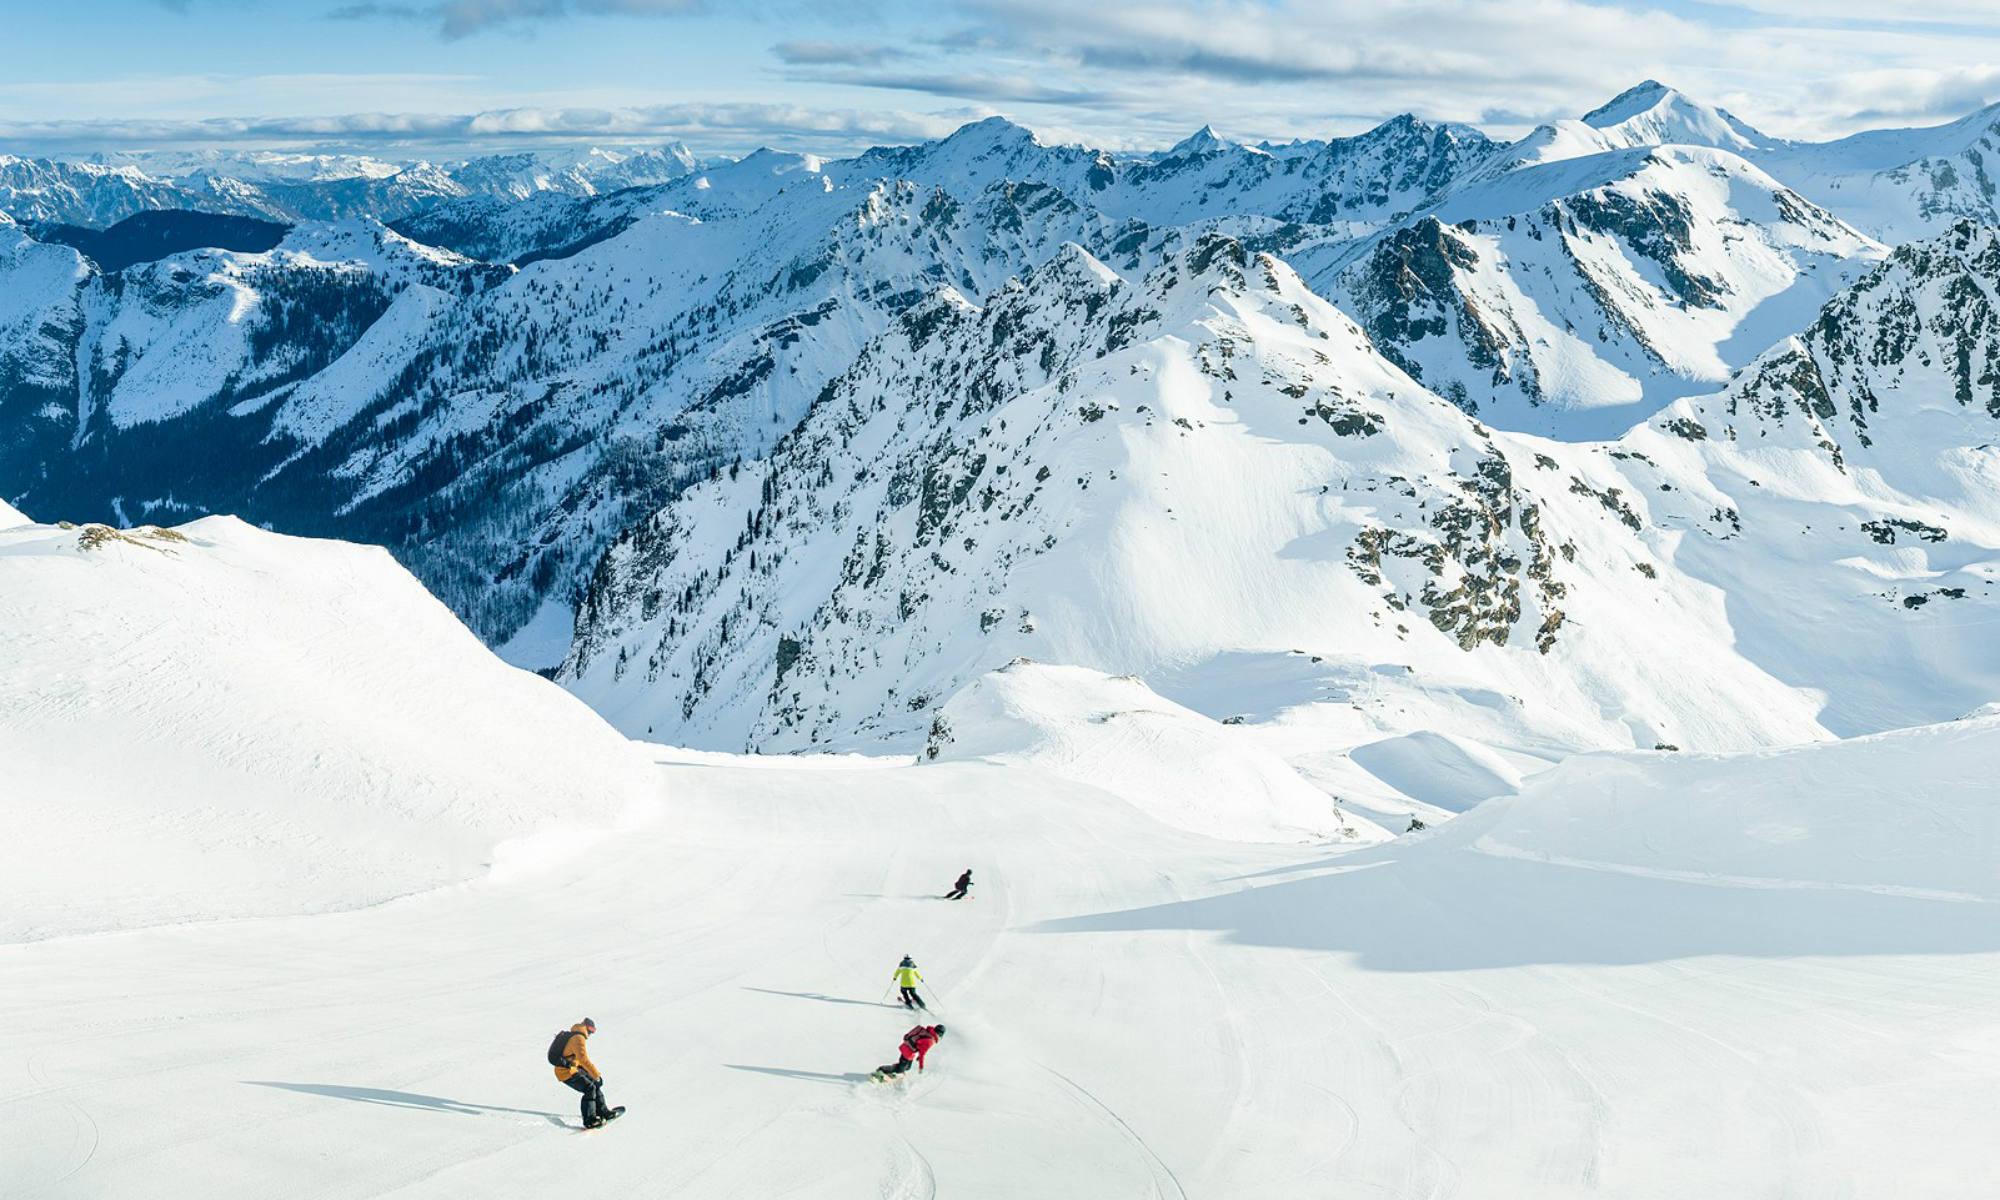 Eine Gruppe Snowboarder und Skifahrer auf einer verschneiten Piste im Skigebiet Obertauern.